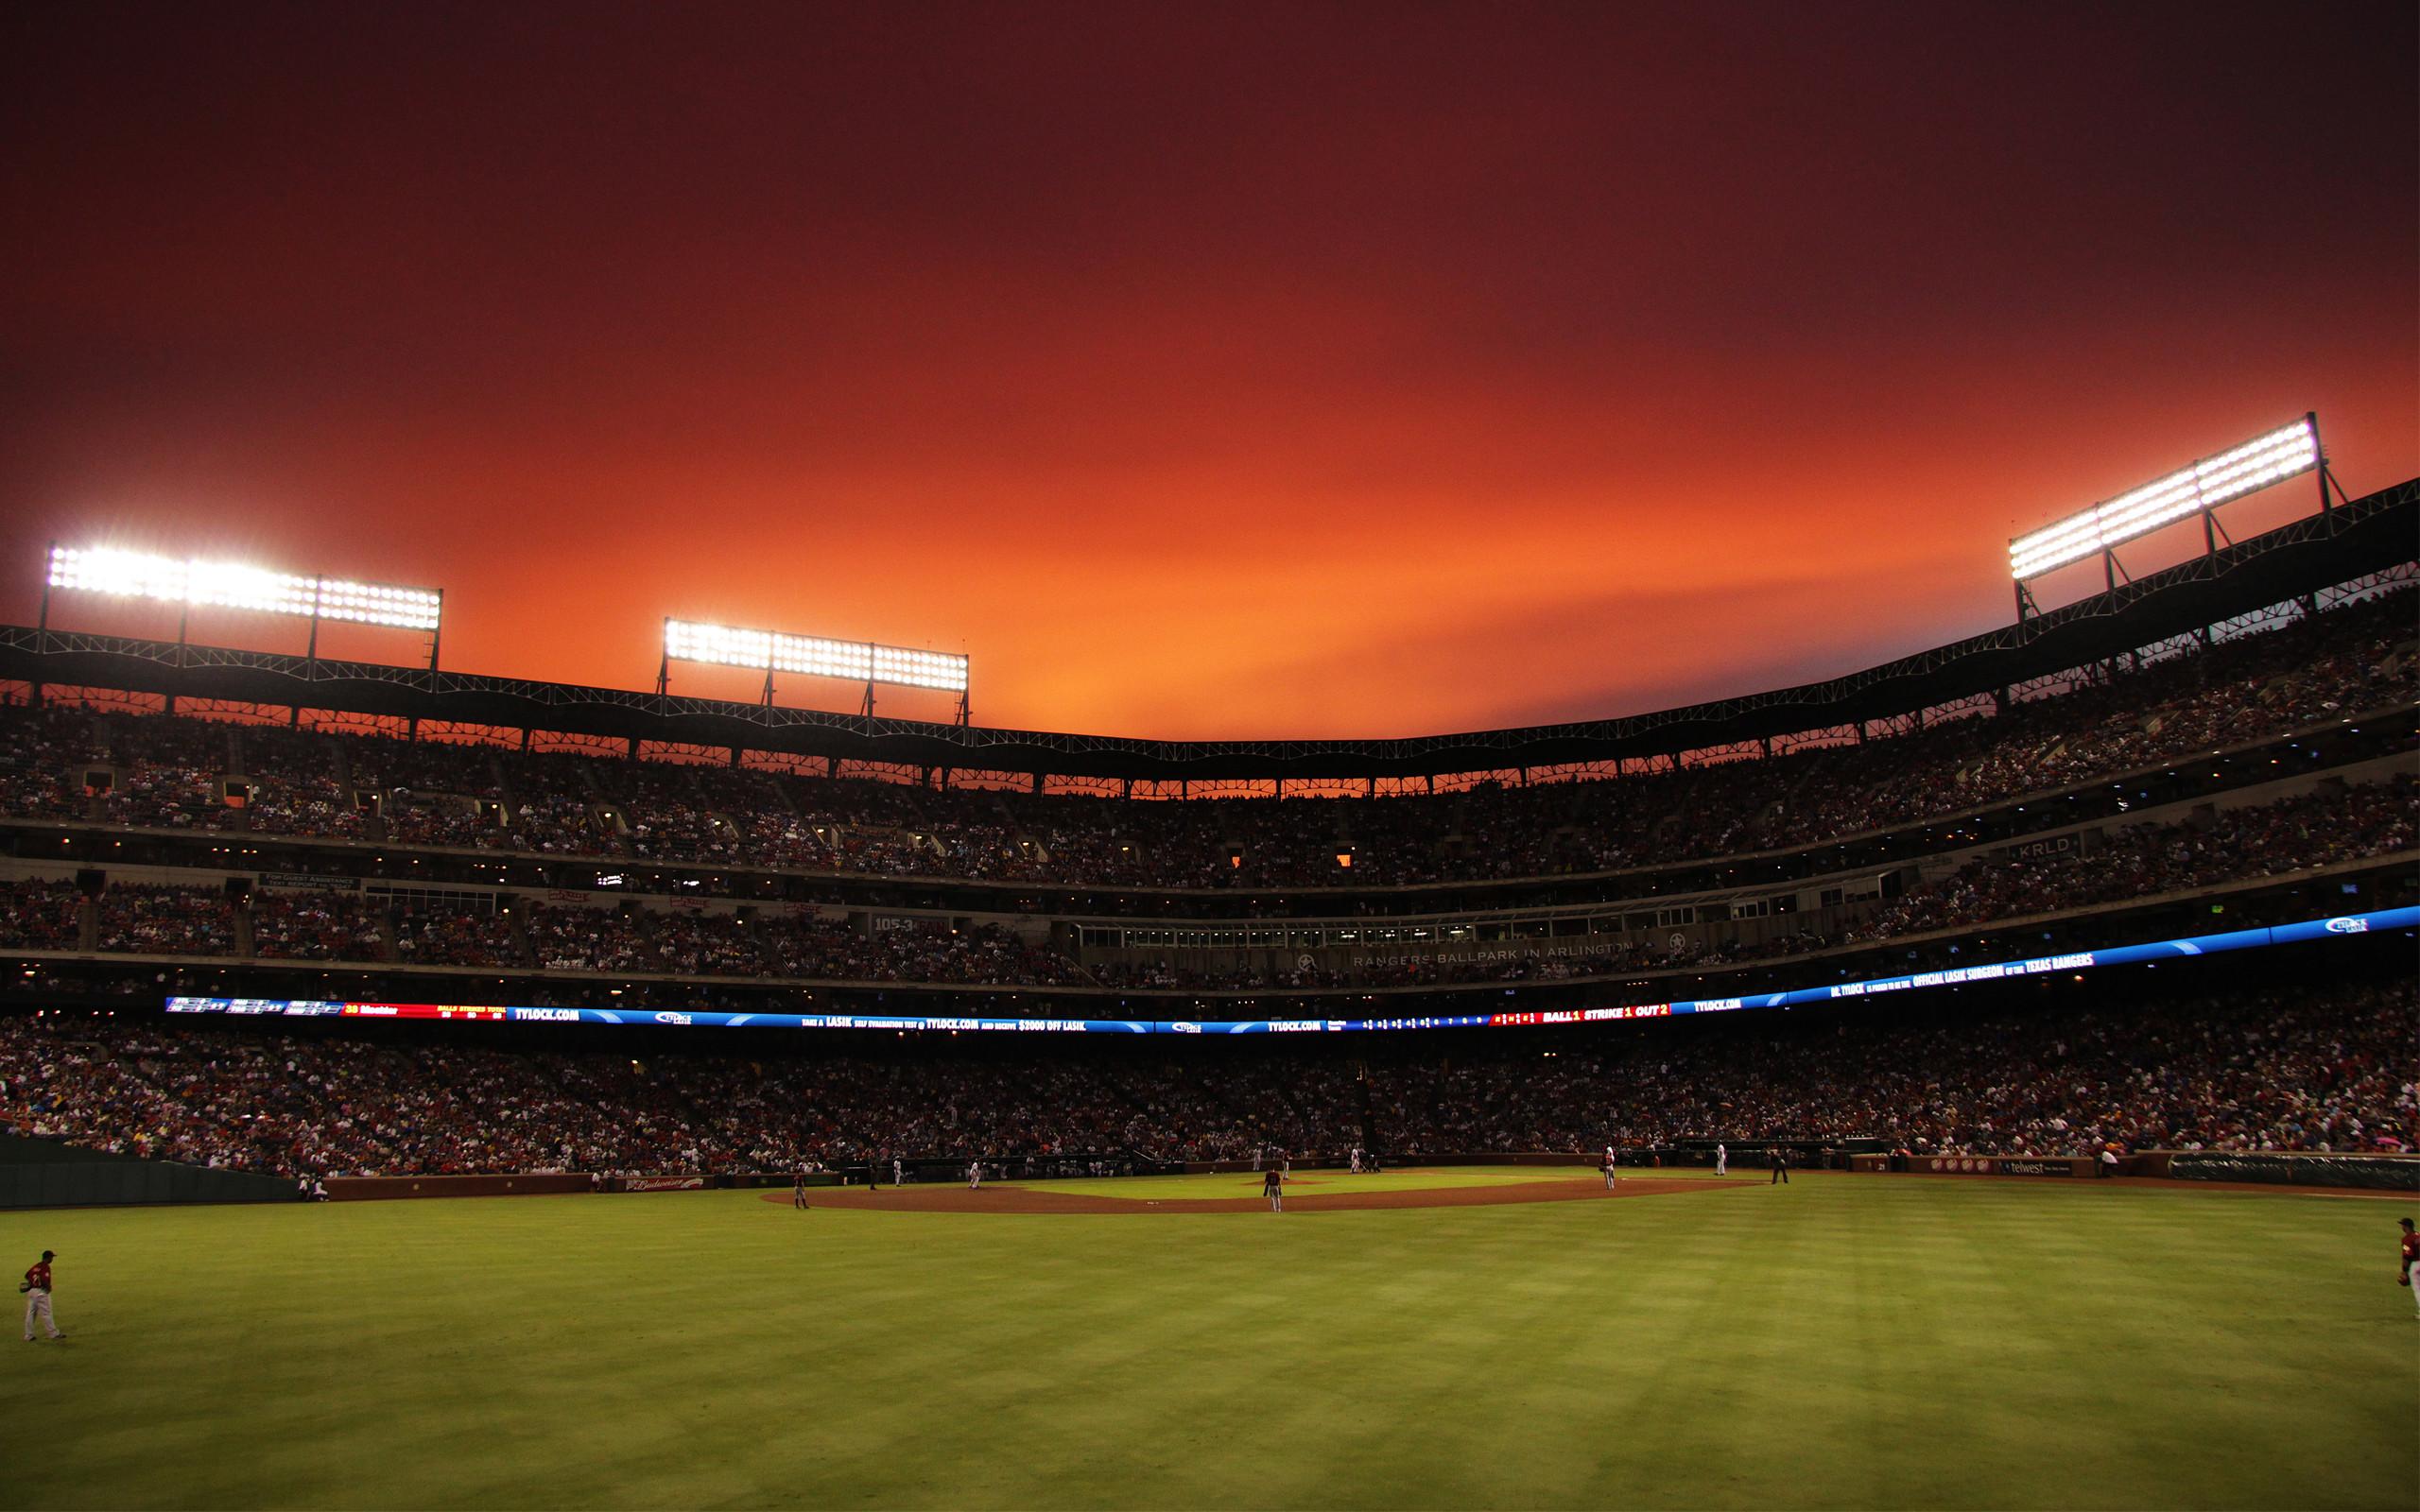 Texas Rangers Houston Astros